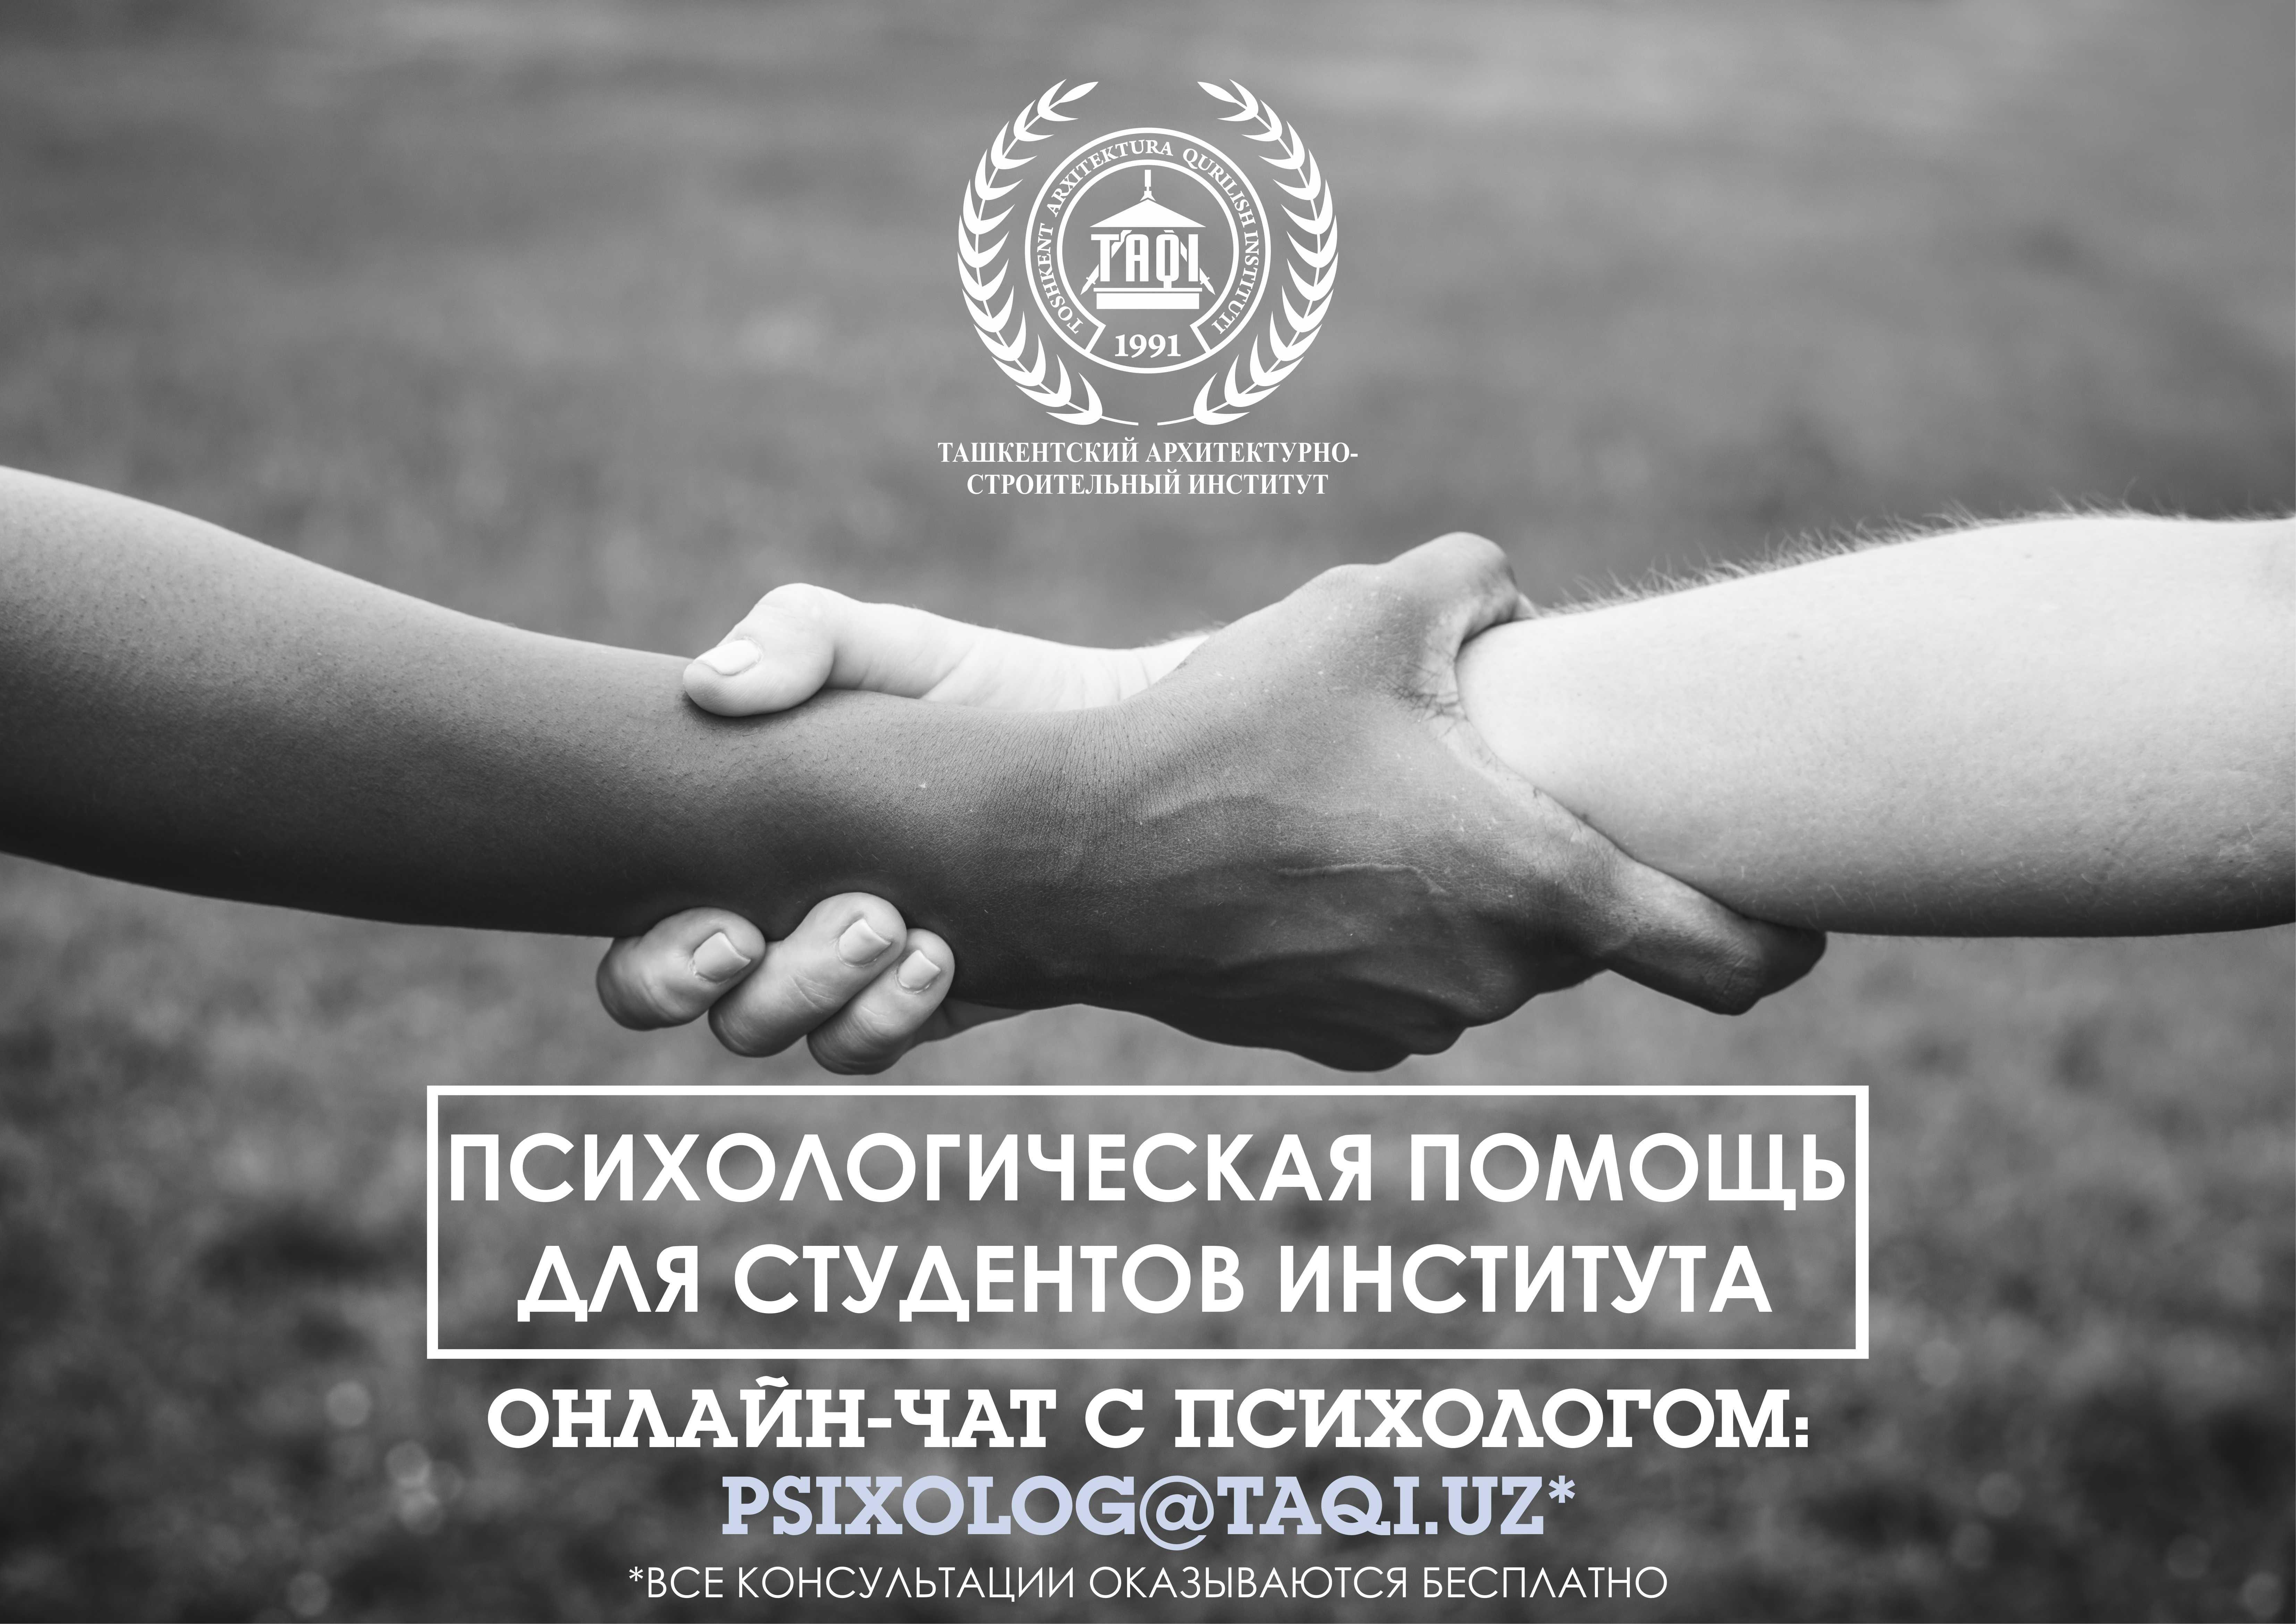 Психологическая помощь для студентов Ташкентского архитектурно-строительного института